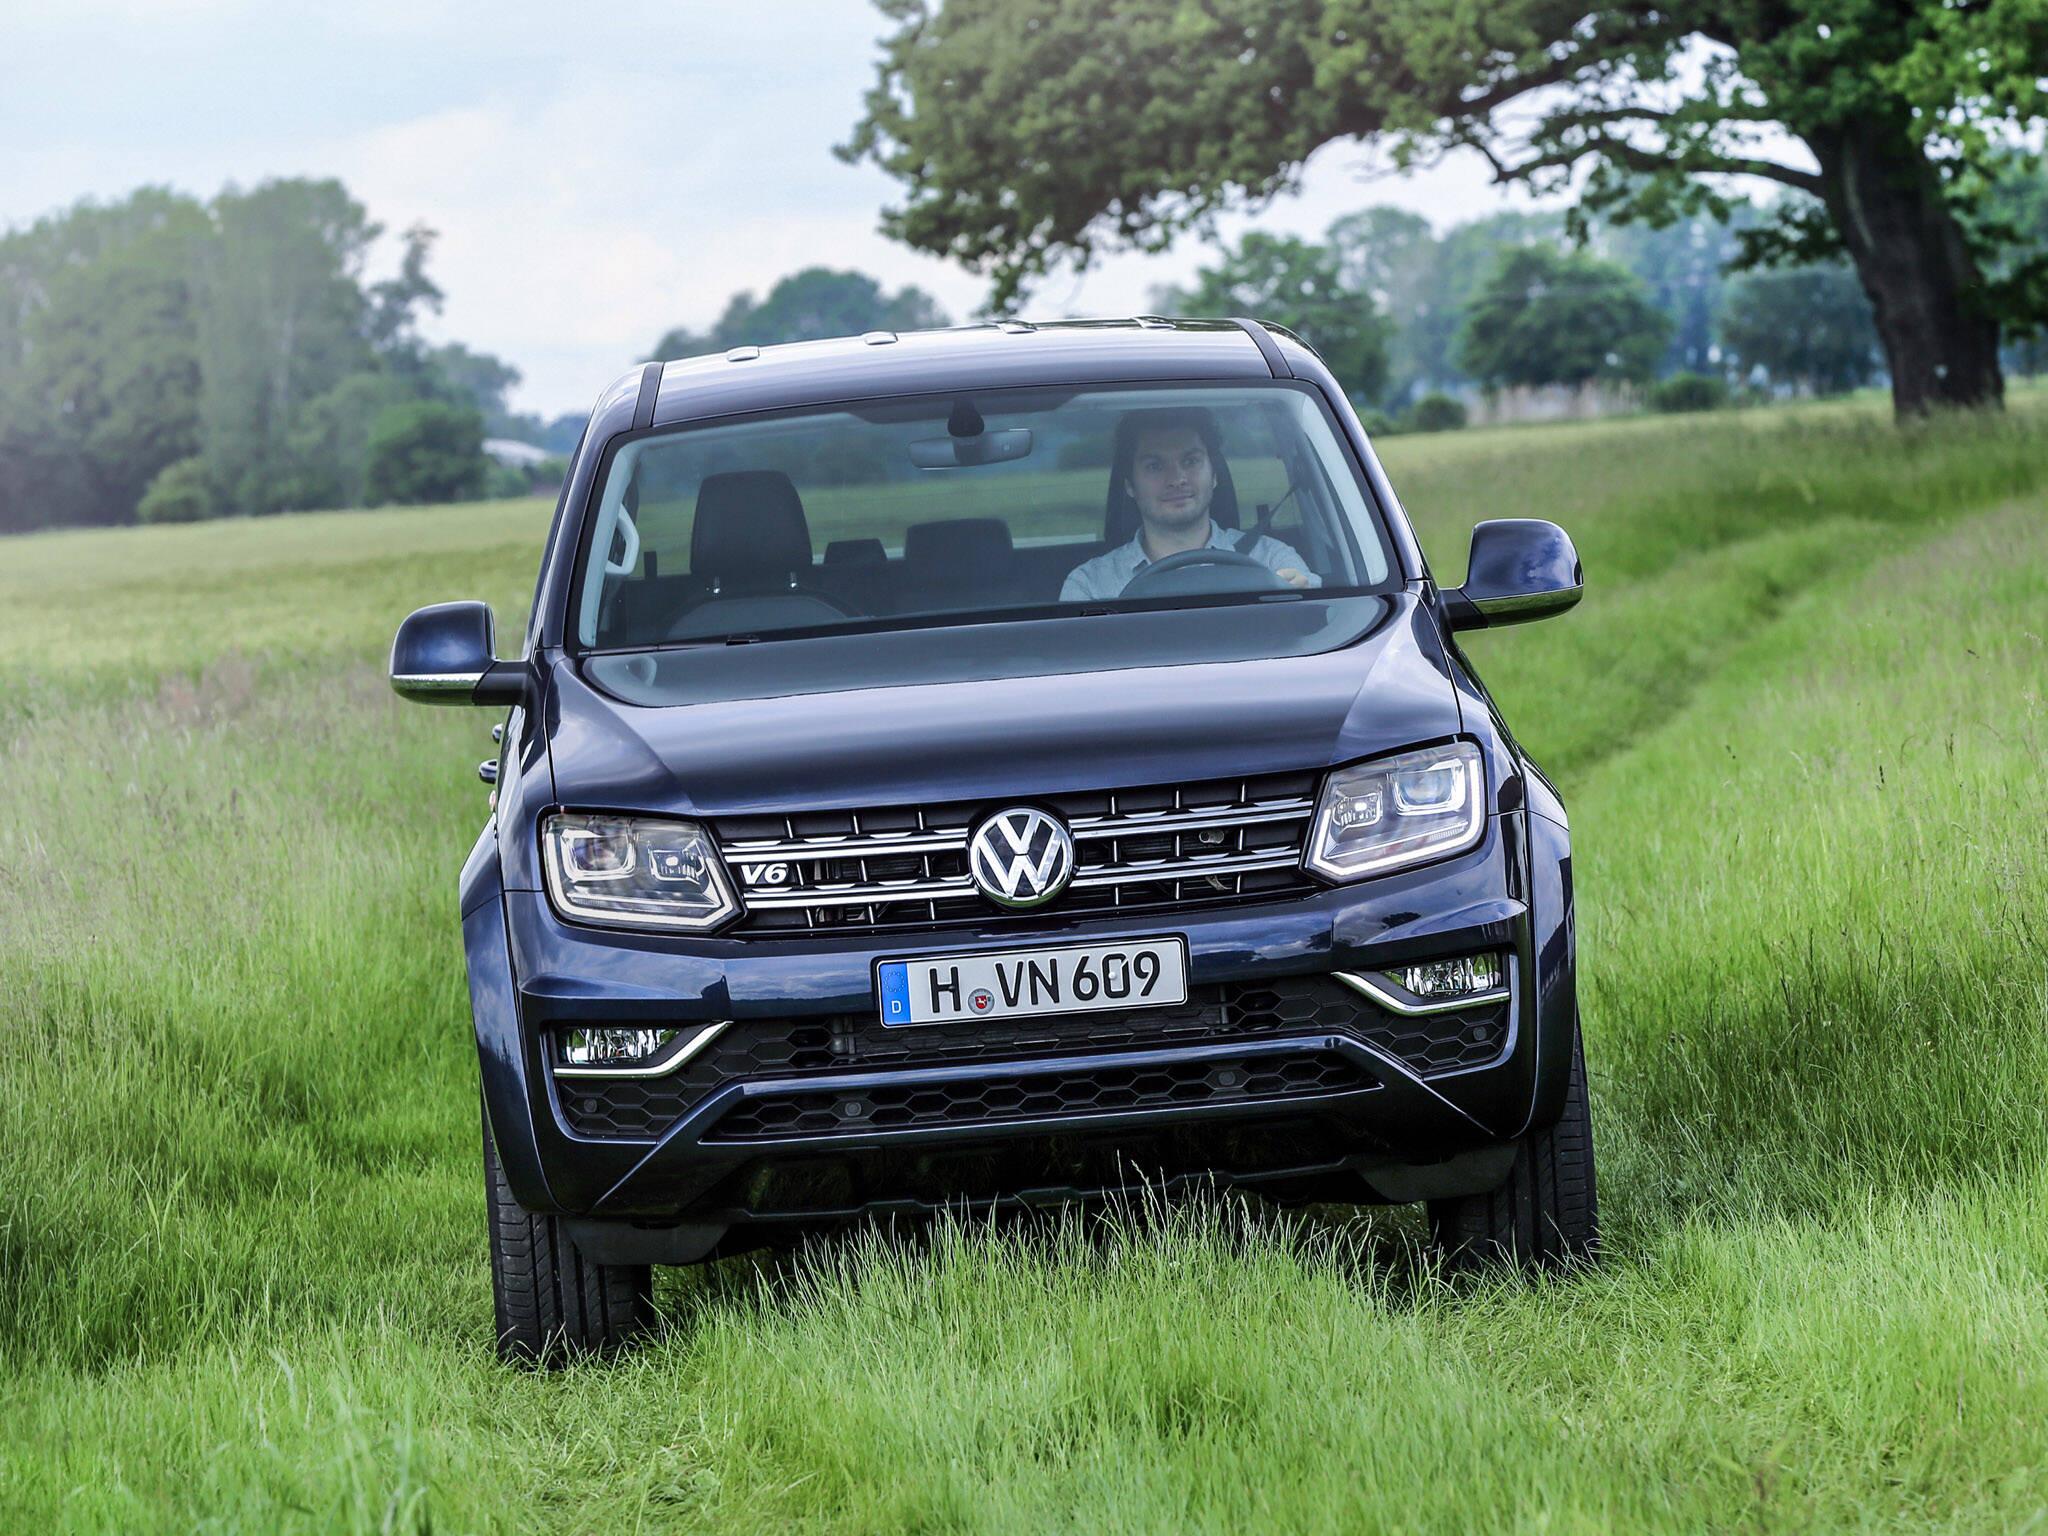 Volkswagen Amarok 2017. Foto: Divulgação/Volkswagen